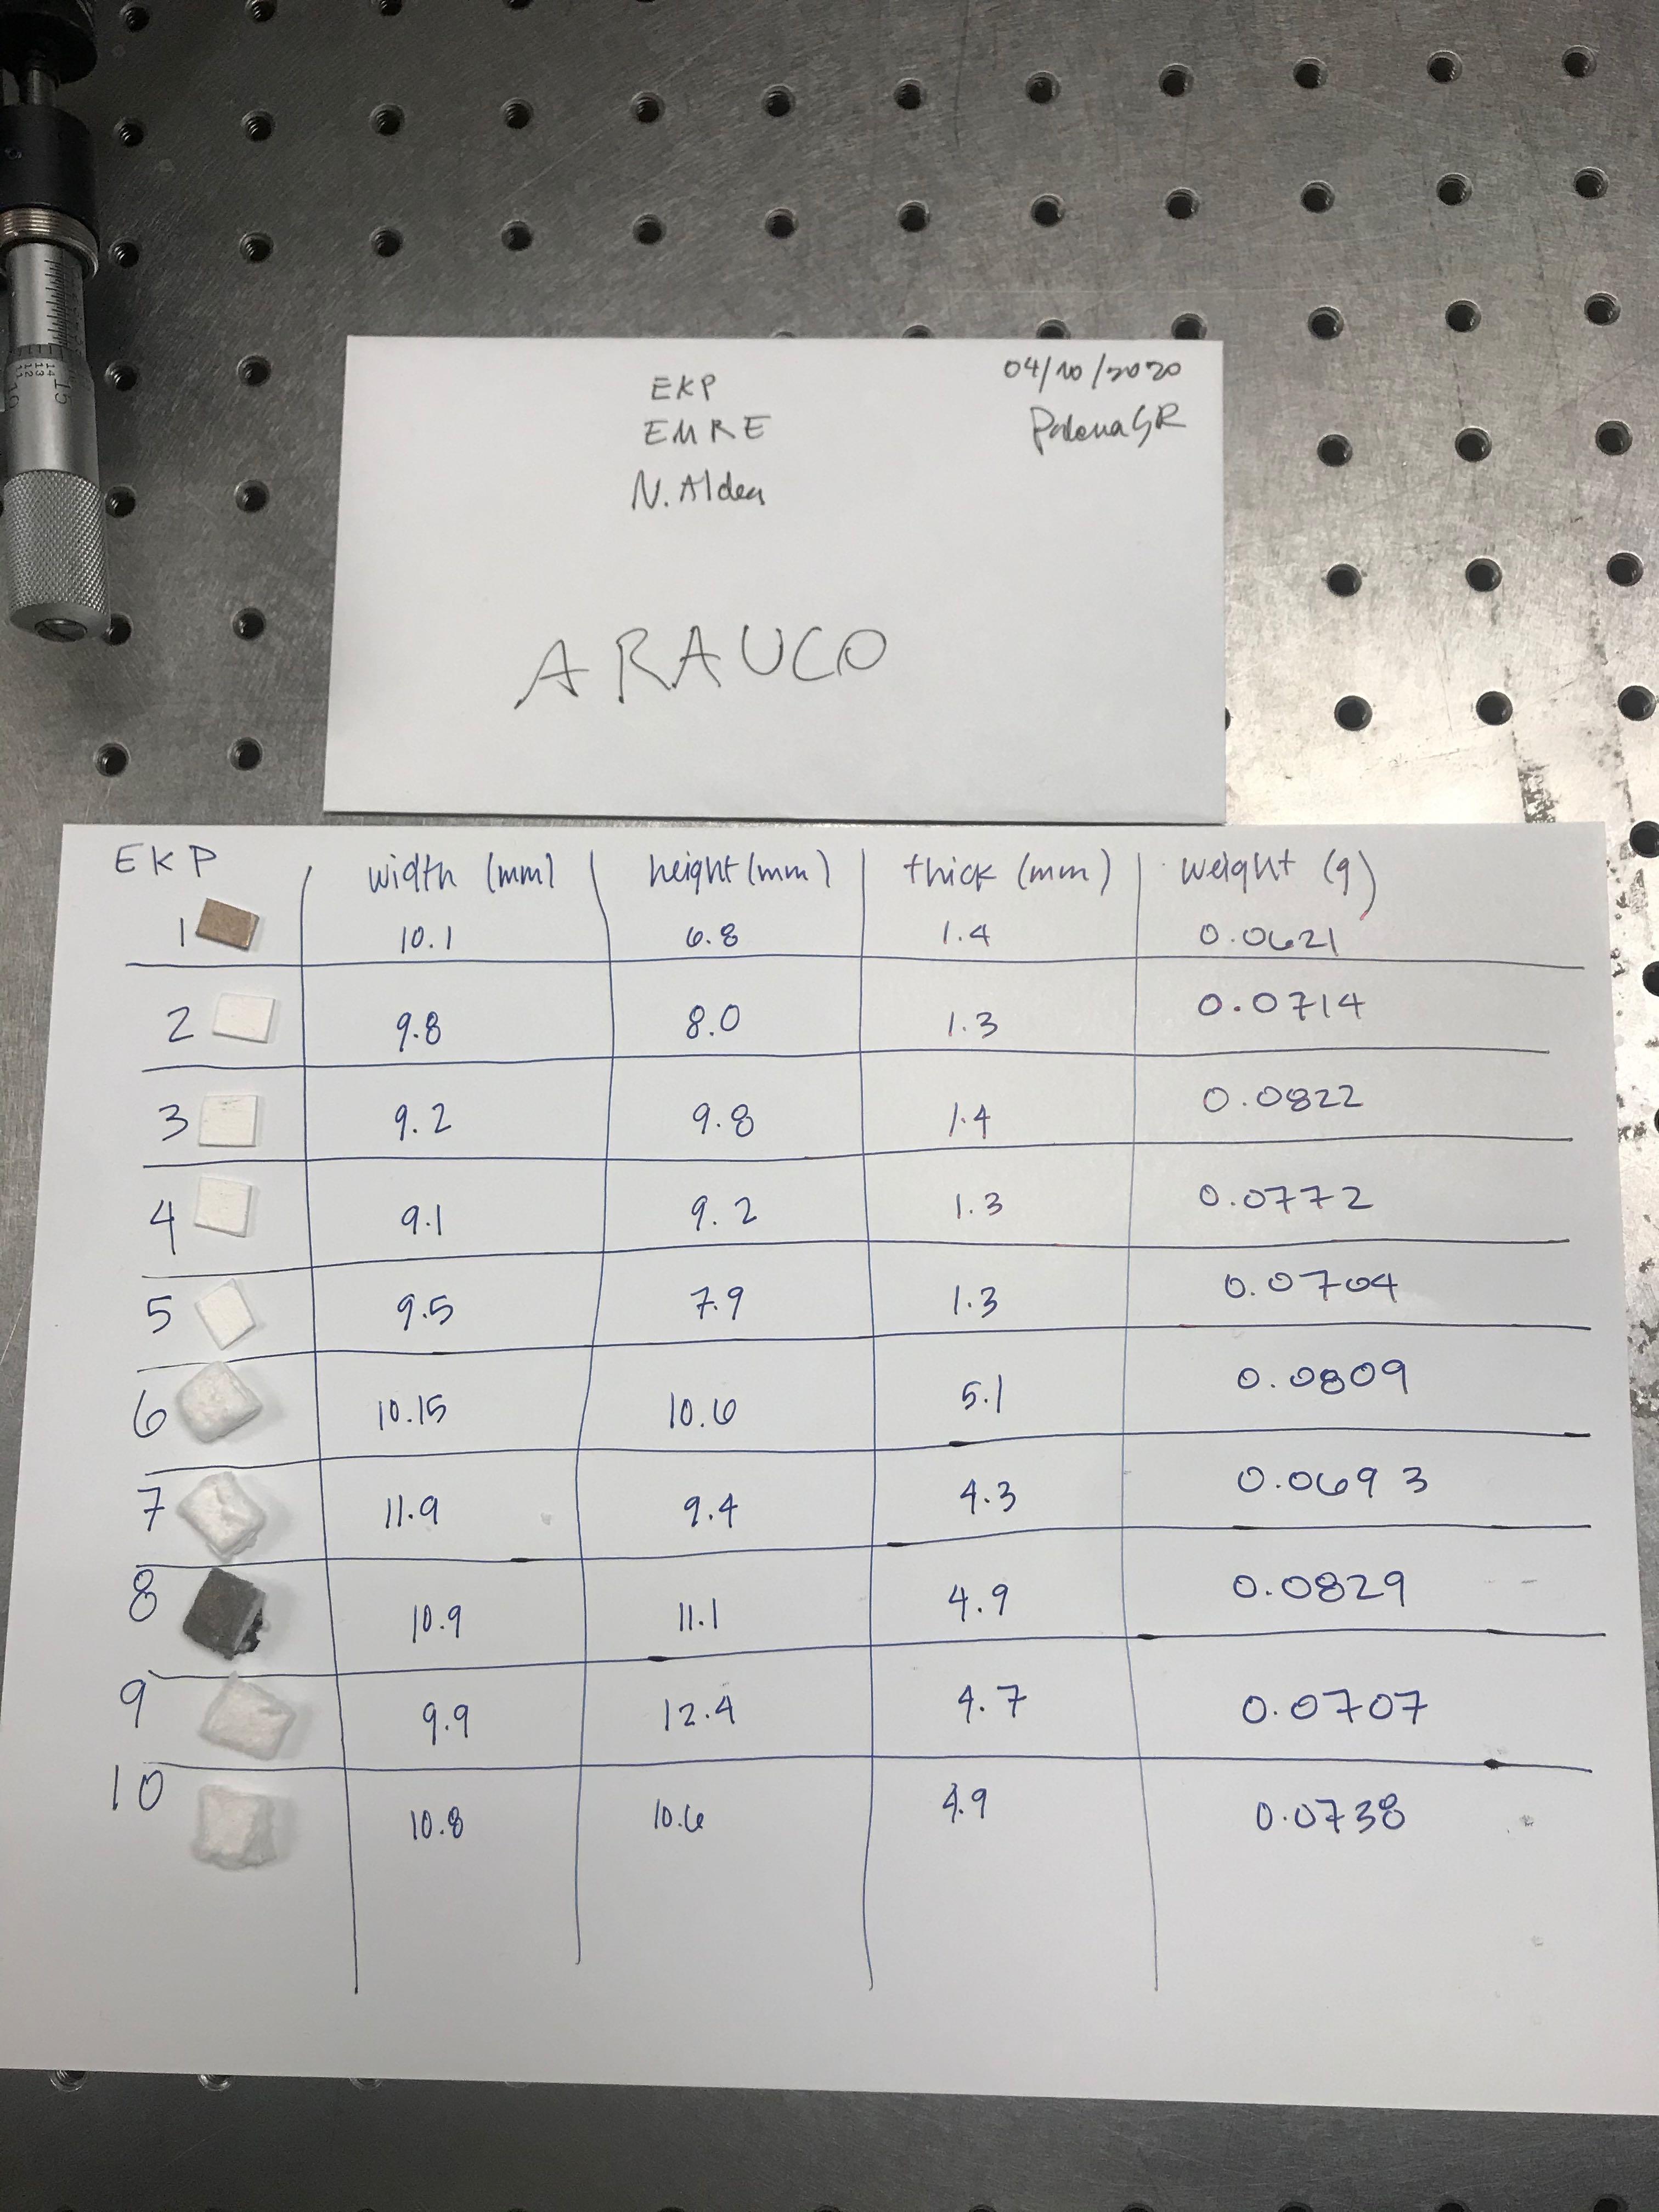 Arauco/EKP/ekp_measured.jpg